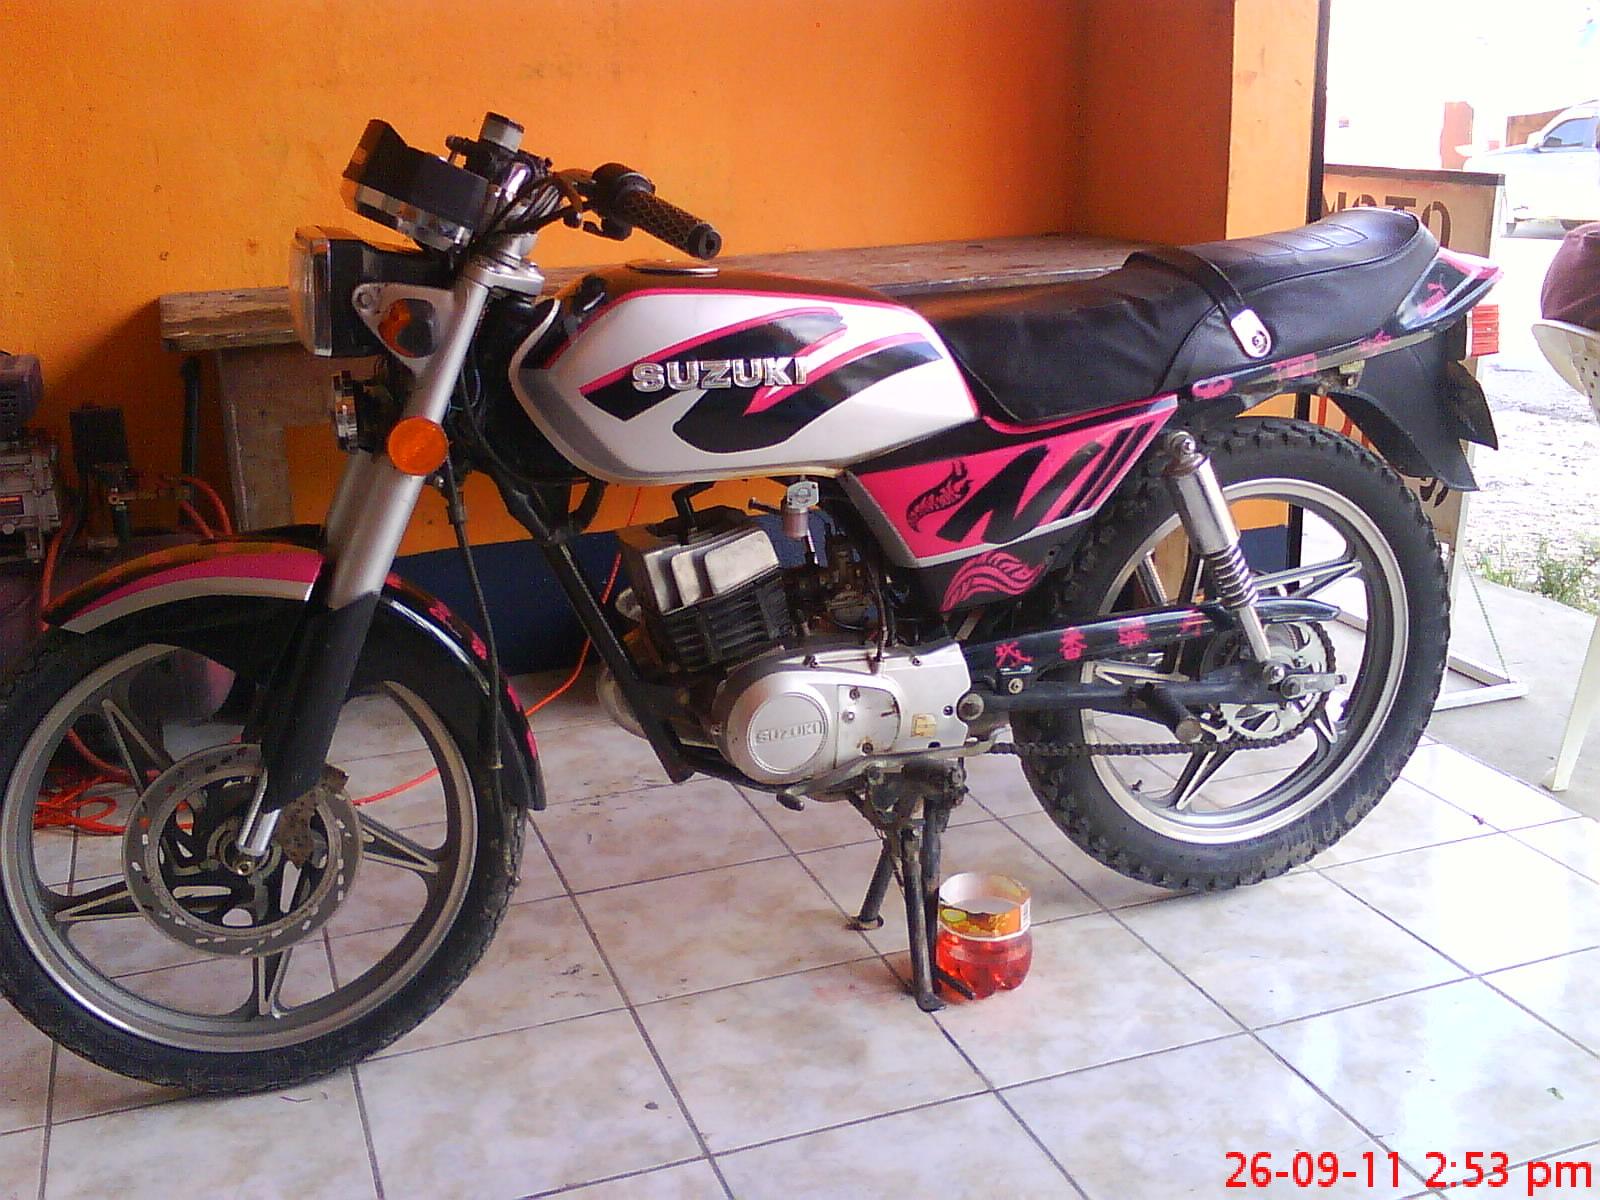 Dise os de calcos para motos imagui for Disenos de motos